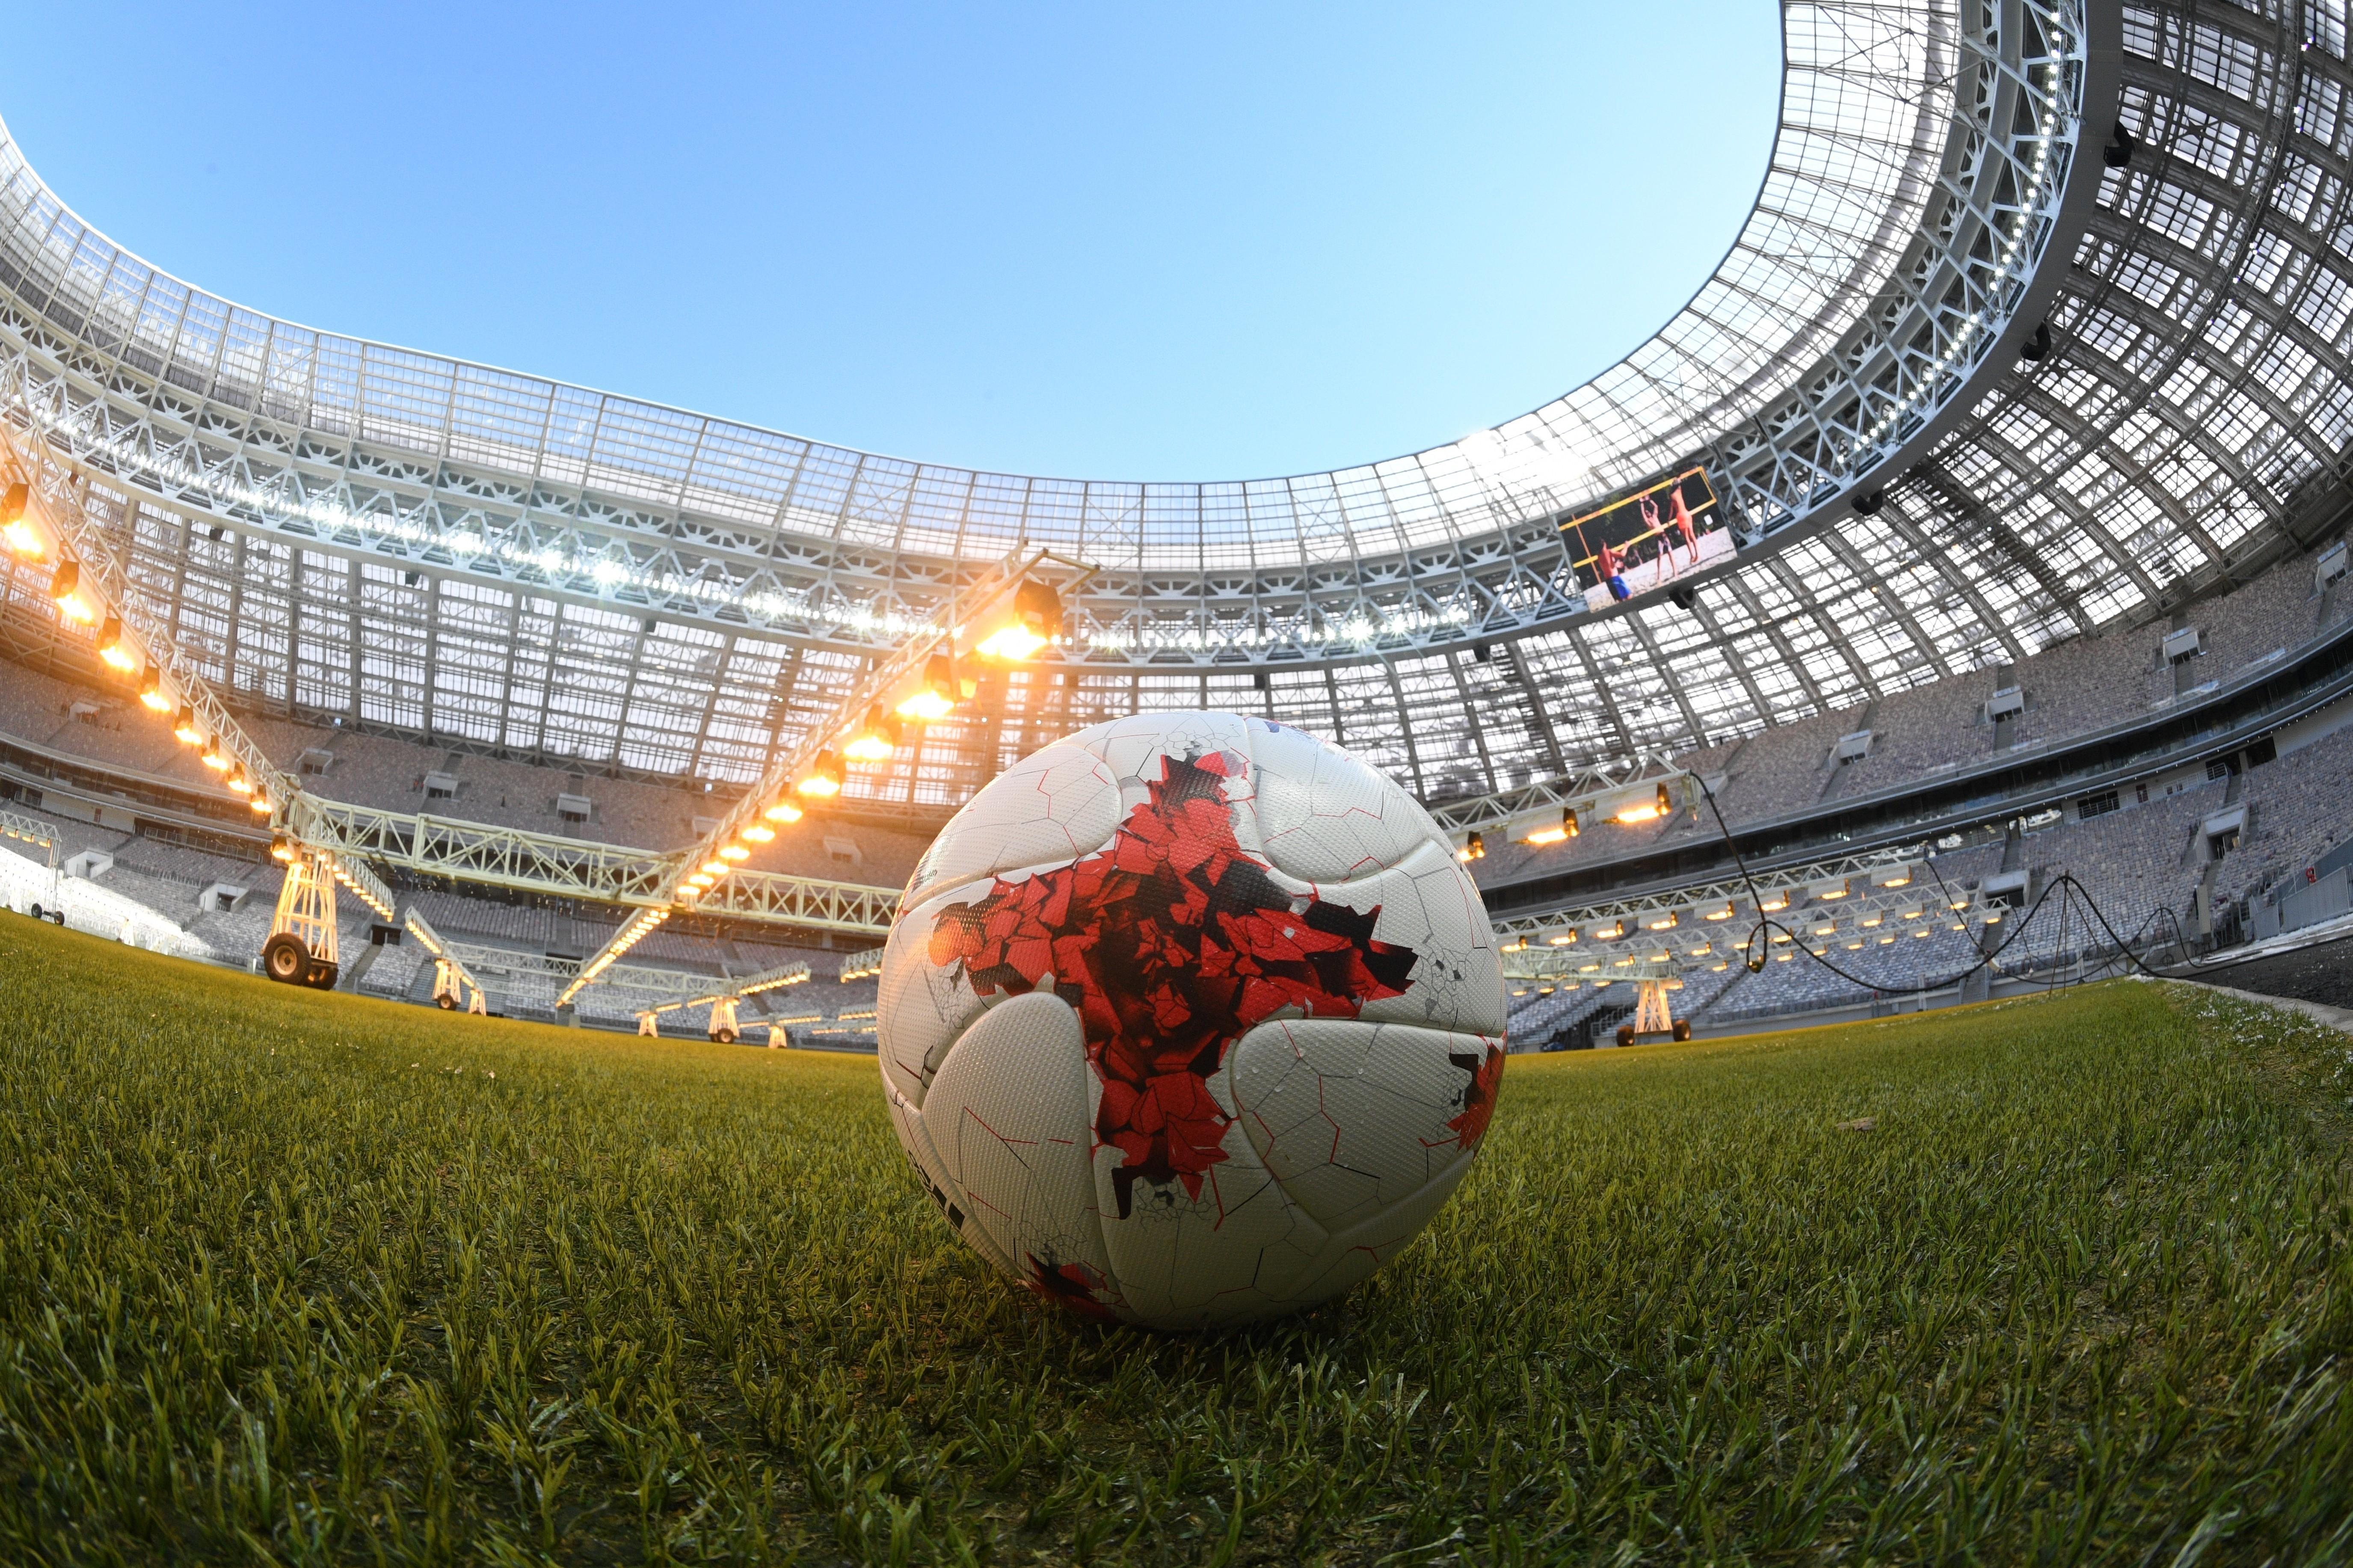 Днем рождения, картинки чемпионат мира по футболу 2018 россия